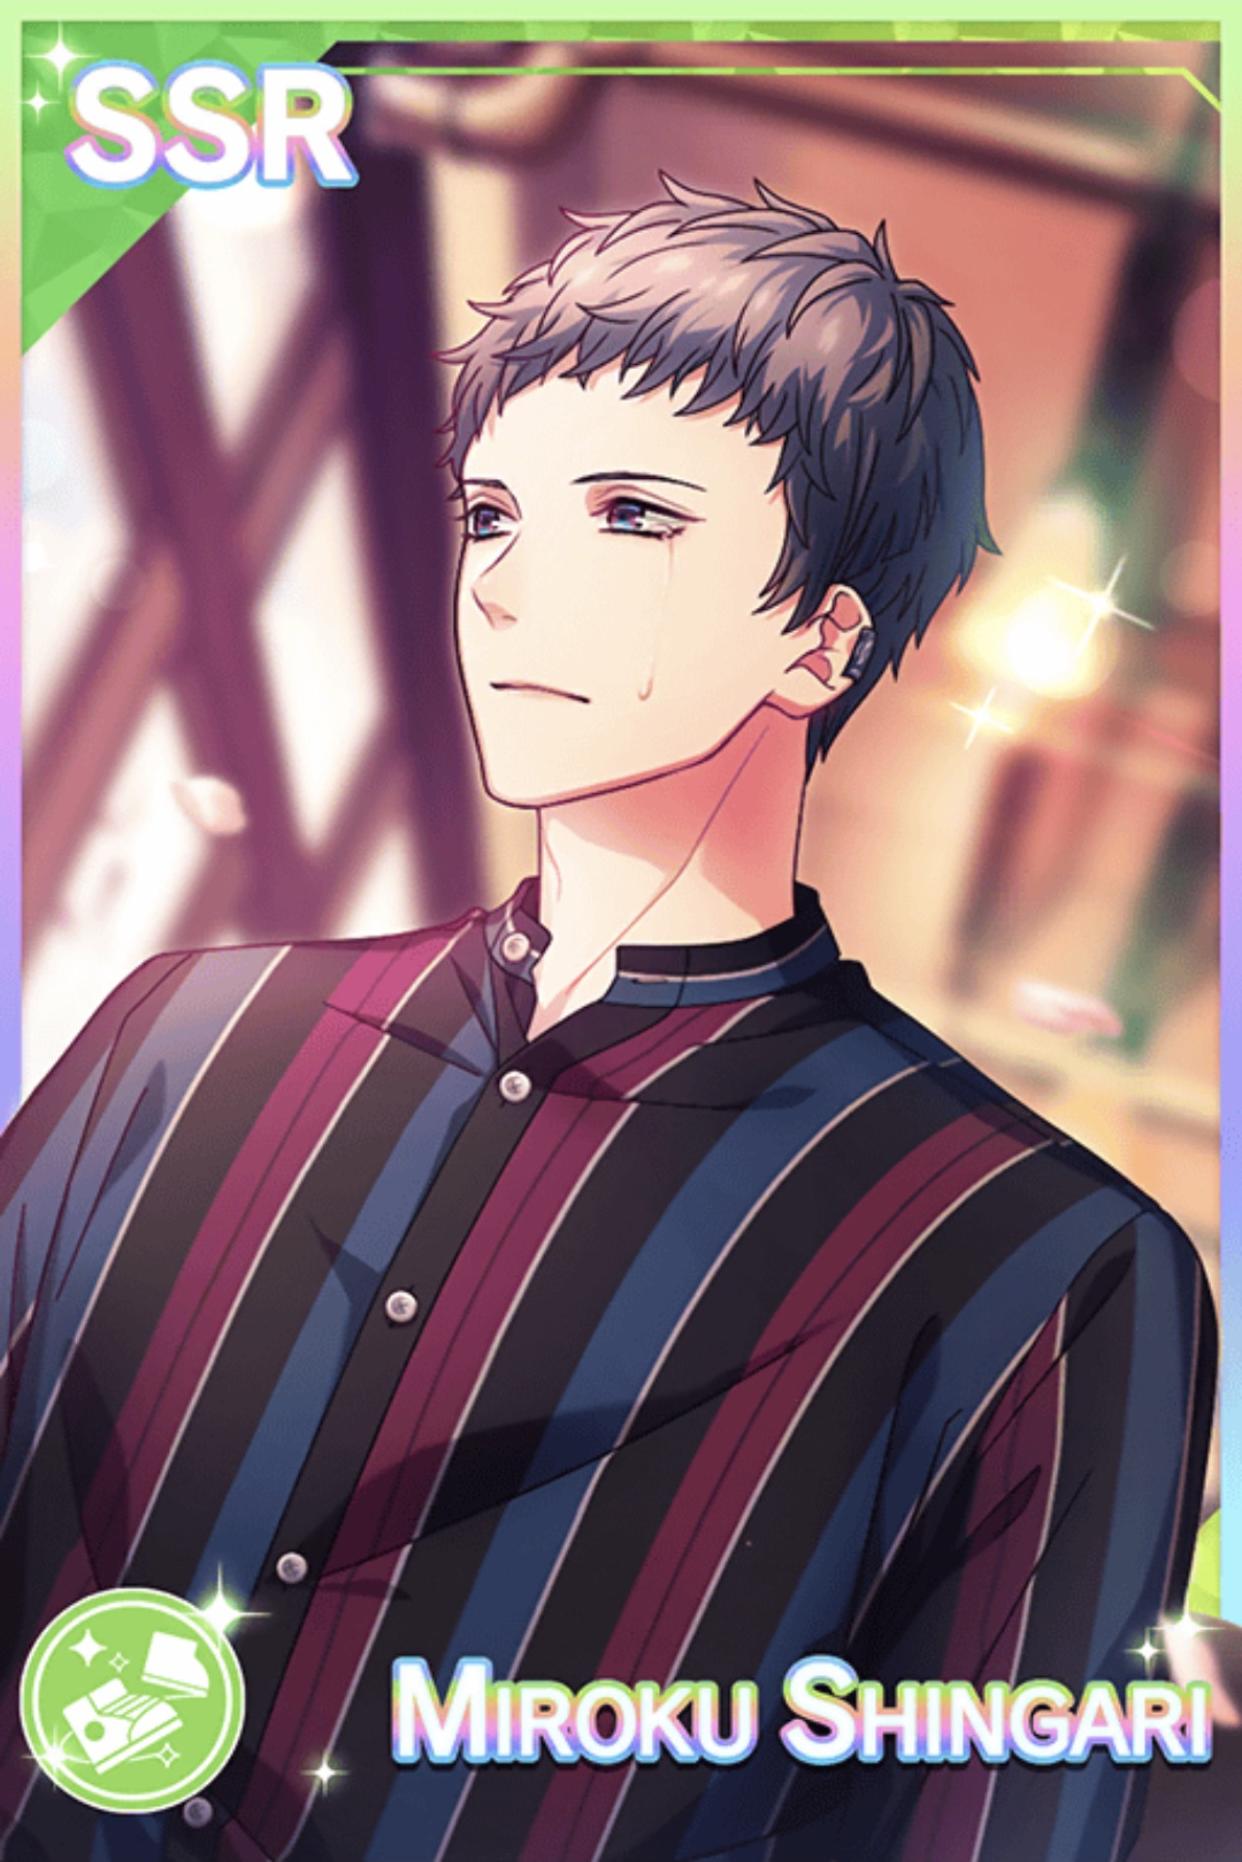 【True Evaluation】Shingari Miroku